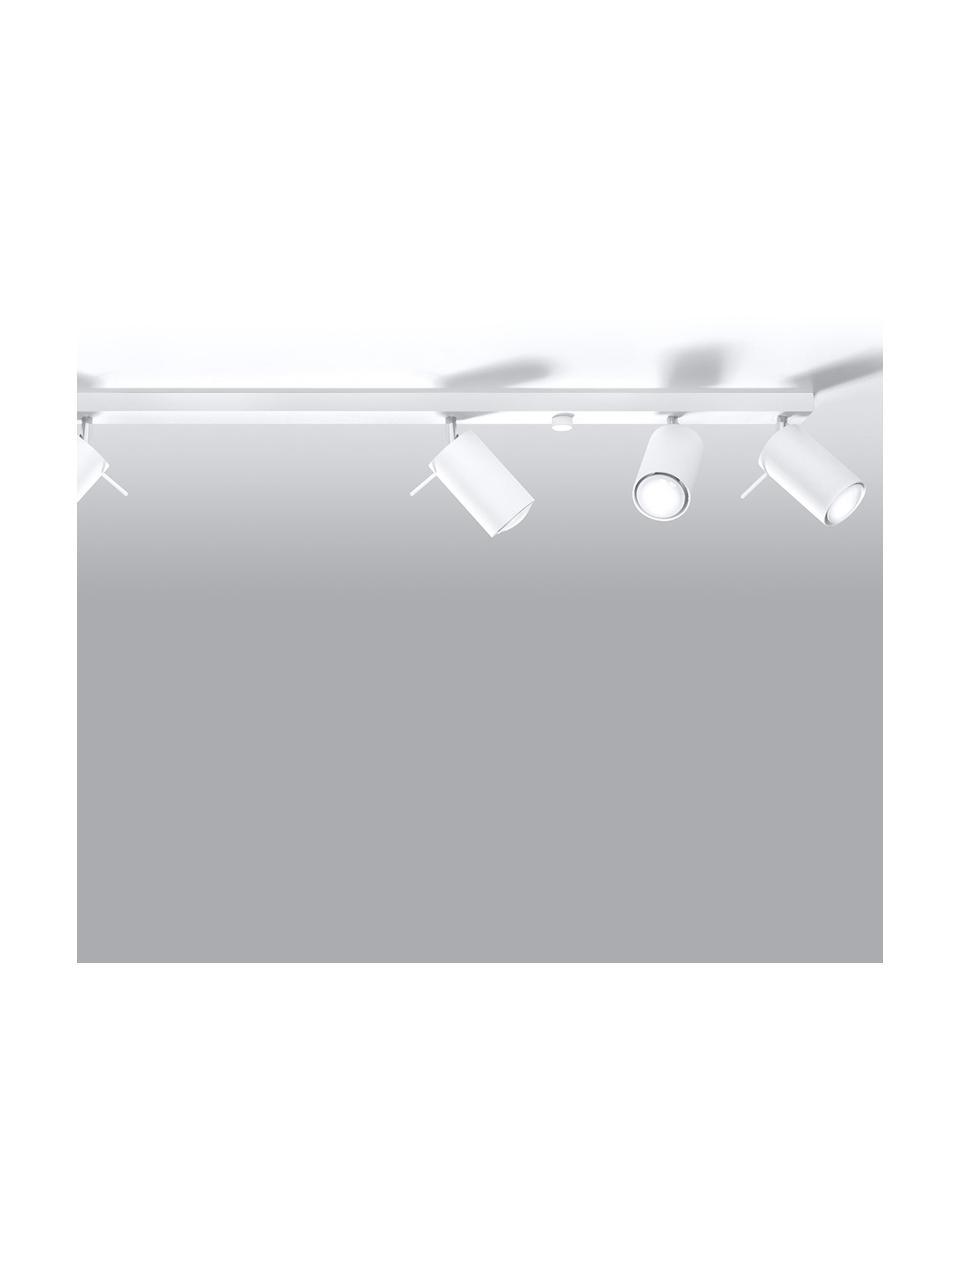 Großer Deckenstrahler Etna in Weiß, Baldachin: Stahl, lackiert, Weiß, 117 x 16 cm